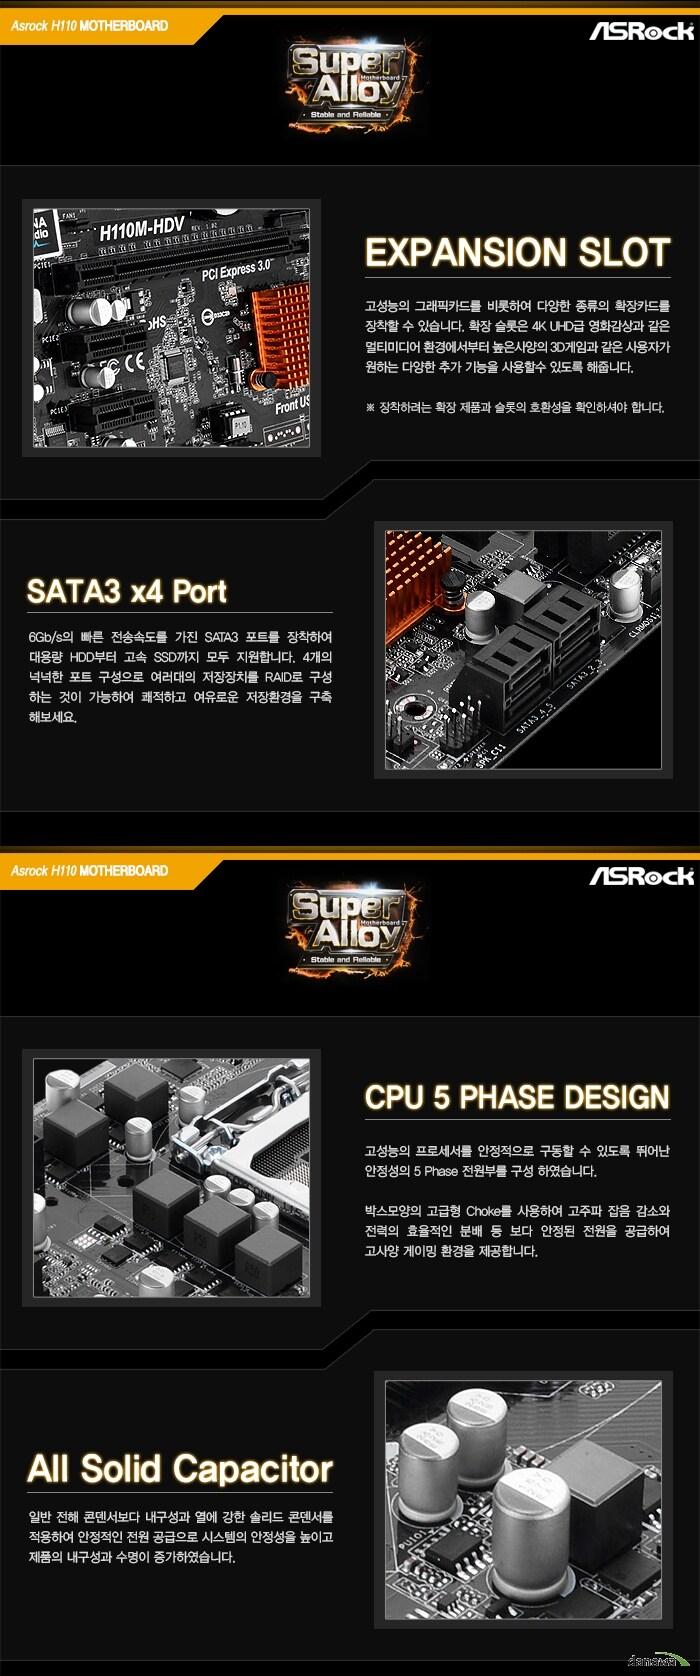 EXPANSION SLOT고성능의 그래픽카드를 비롯하여 다양한 종류의 확장카드를 장착할 수 있습니다. 확장 슬롯은 4K UHD급 영화감상과 같은 멀티미디어 환경에서부터 높은사양의 3D게임과 같은 사용자가 원하는 다양한 추가 기능을 사용할수 있도록 해줍니다.장착하려는 확장 제품과 슬롯의 호환성을 확인하셔야 합니다.SATA3 x4 Port6Gb/s의 빠른 전송속도를 가진 SATA3 포트를 장착하여 대용량 HDD부터 고속 SSD까지 모두 지원합니다. 4개의 넉넉한 포트 구성으로 여러대의 저장장치를 RAID로 구성 하는 것이 가능하여 쾌적하고 여유로운 저장환경을 구축 해보세요.CPU 5 PHASE DESIGN고성능의 프로세서를 안정적으로 구동할 수 있도록 뛰어난 안정성의 5 Phase 전원부를 구성 하였습니다. 박스모양의 고급형 Choke를 사용하여 고주파 잡음 감소와 전력의 효율적인 분배 등 보다 안정된 전원을 공급하여 고사양 게이밍 환경을 제공합니다.All Solid Capacitor일반 전해 콘덴서보다 내구성과 열에 강한 솔리드 콘덴서를 적용하여 안정적인 전원 공급으로 시스템의 안정성을 높이고 제품의 내구성과 수명이 증가하였습니다.